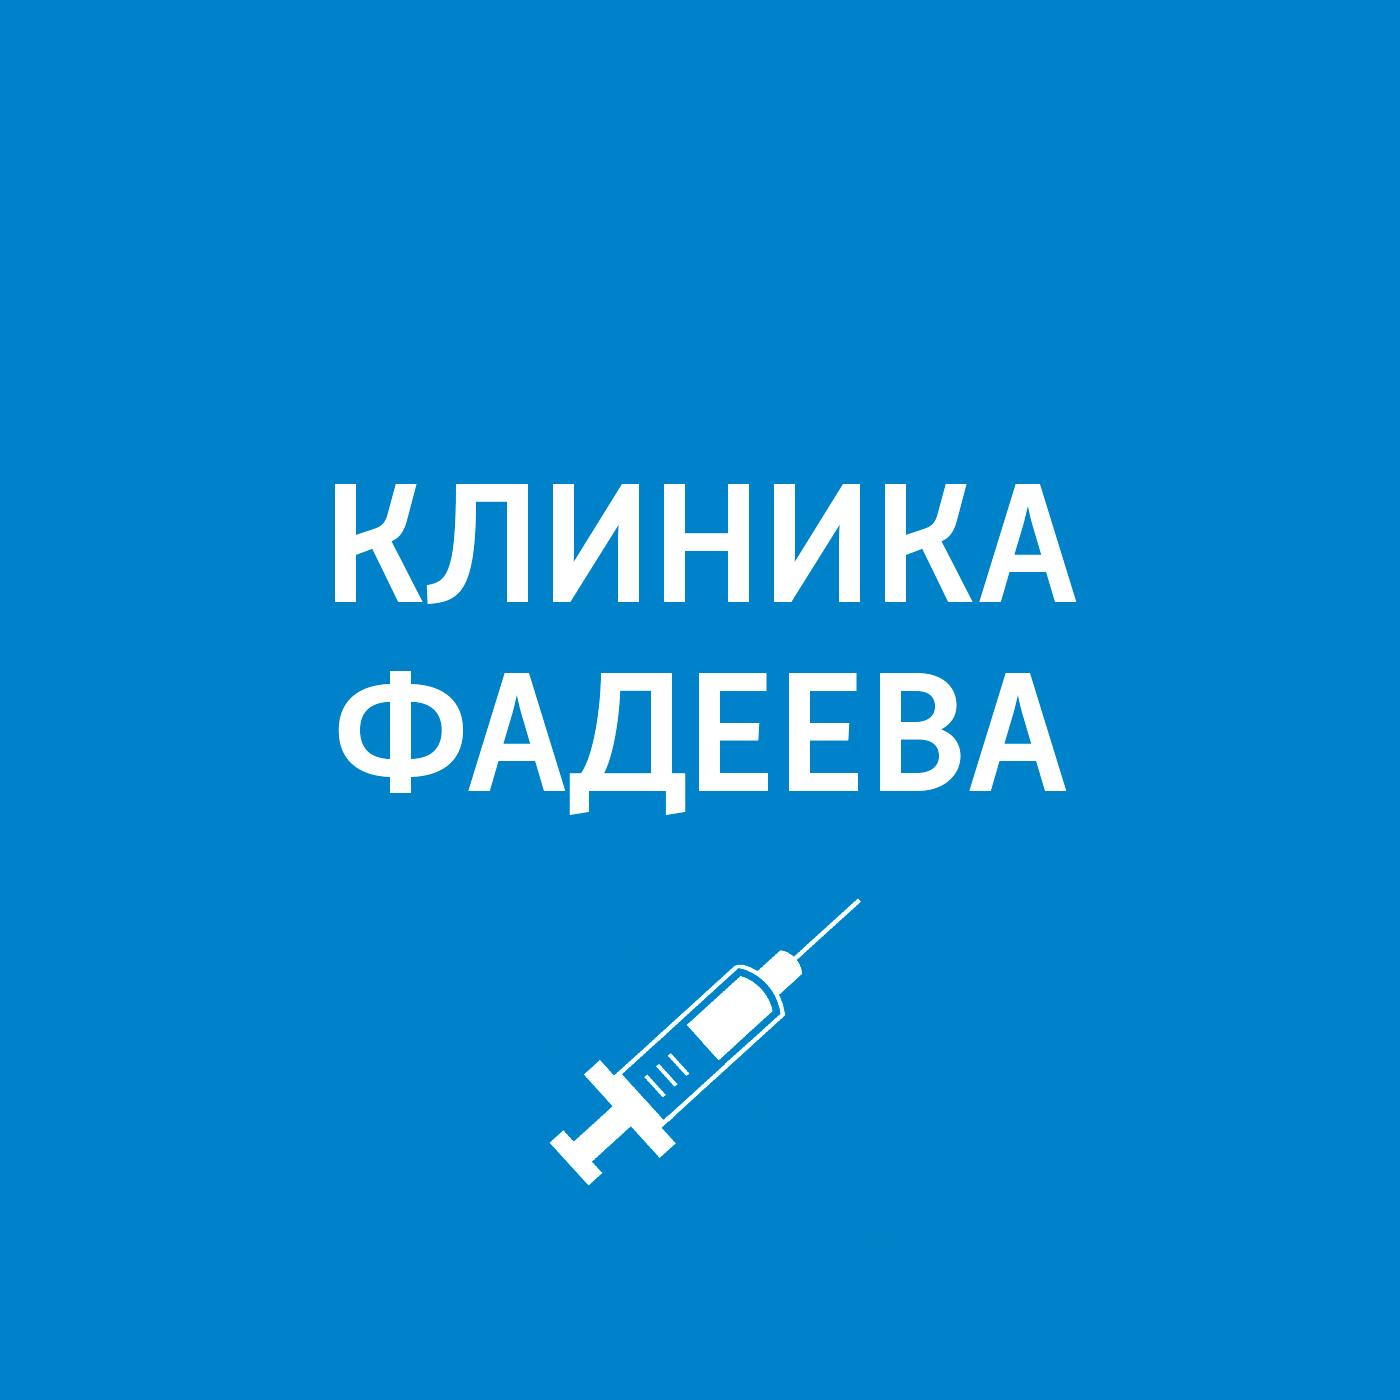 Фото - Пётр Фадеев Врач скорой помощи пётр фадеев врач неотложной помощи